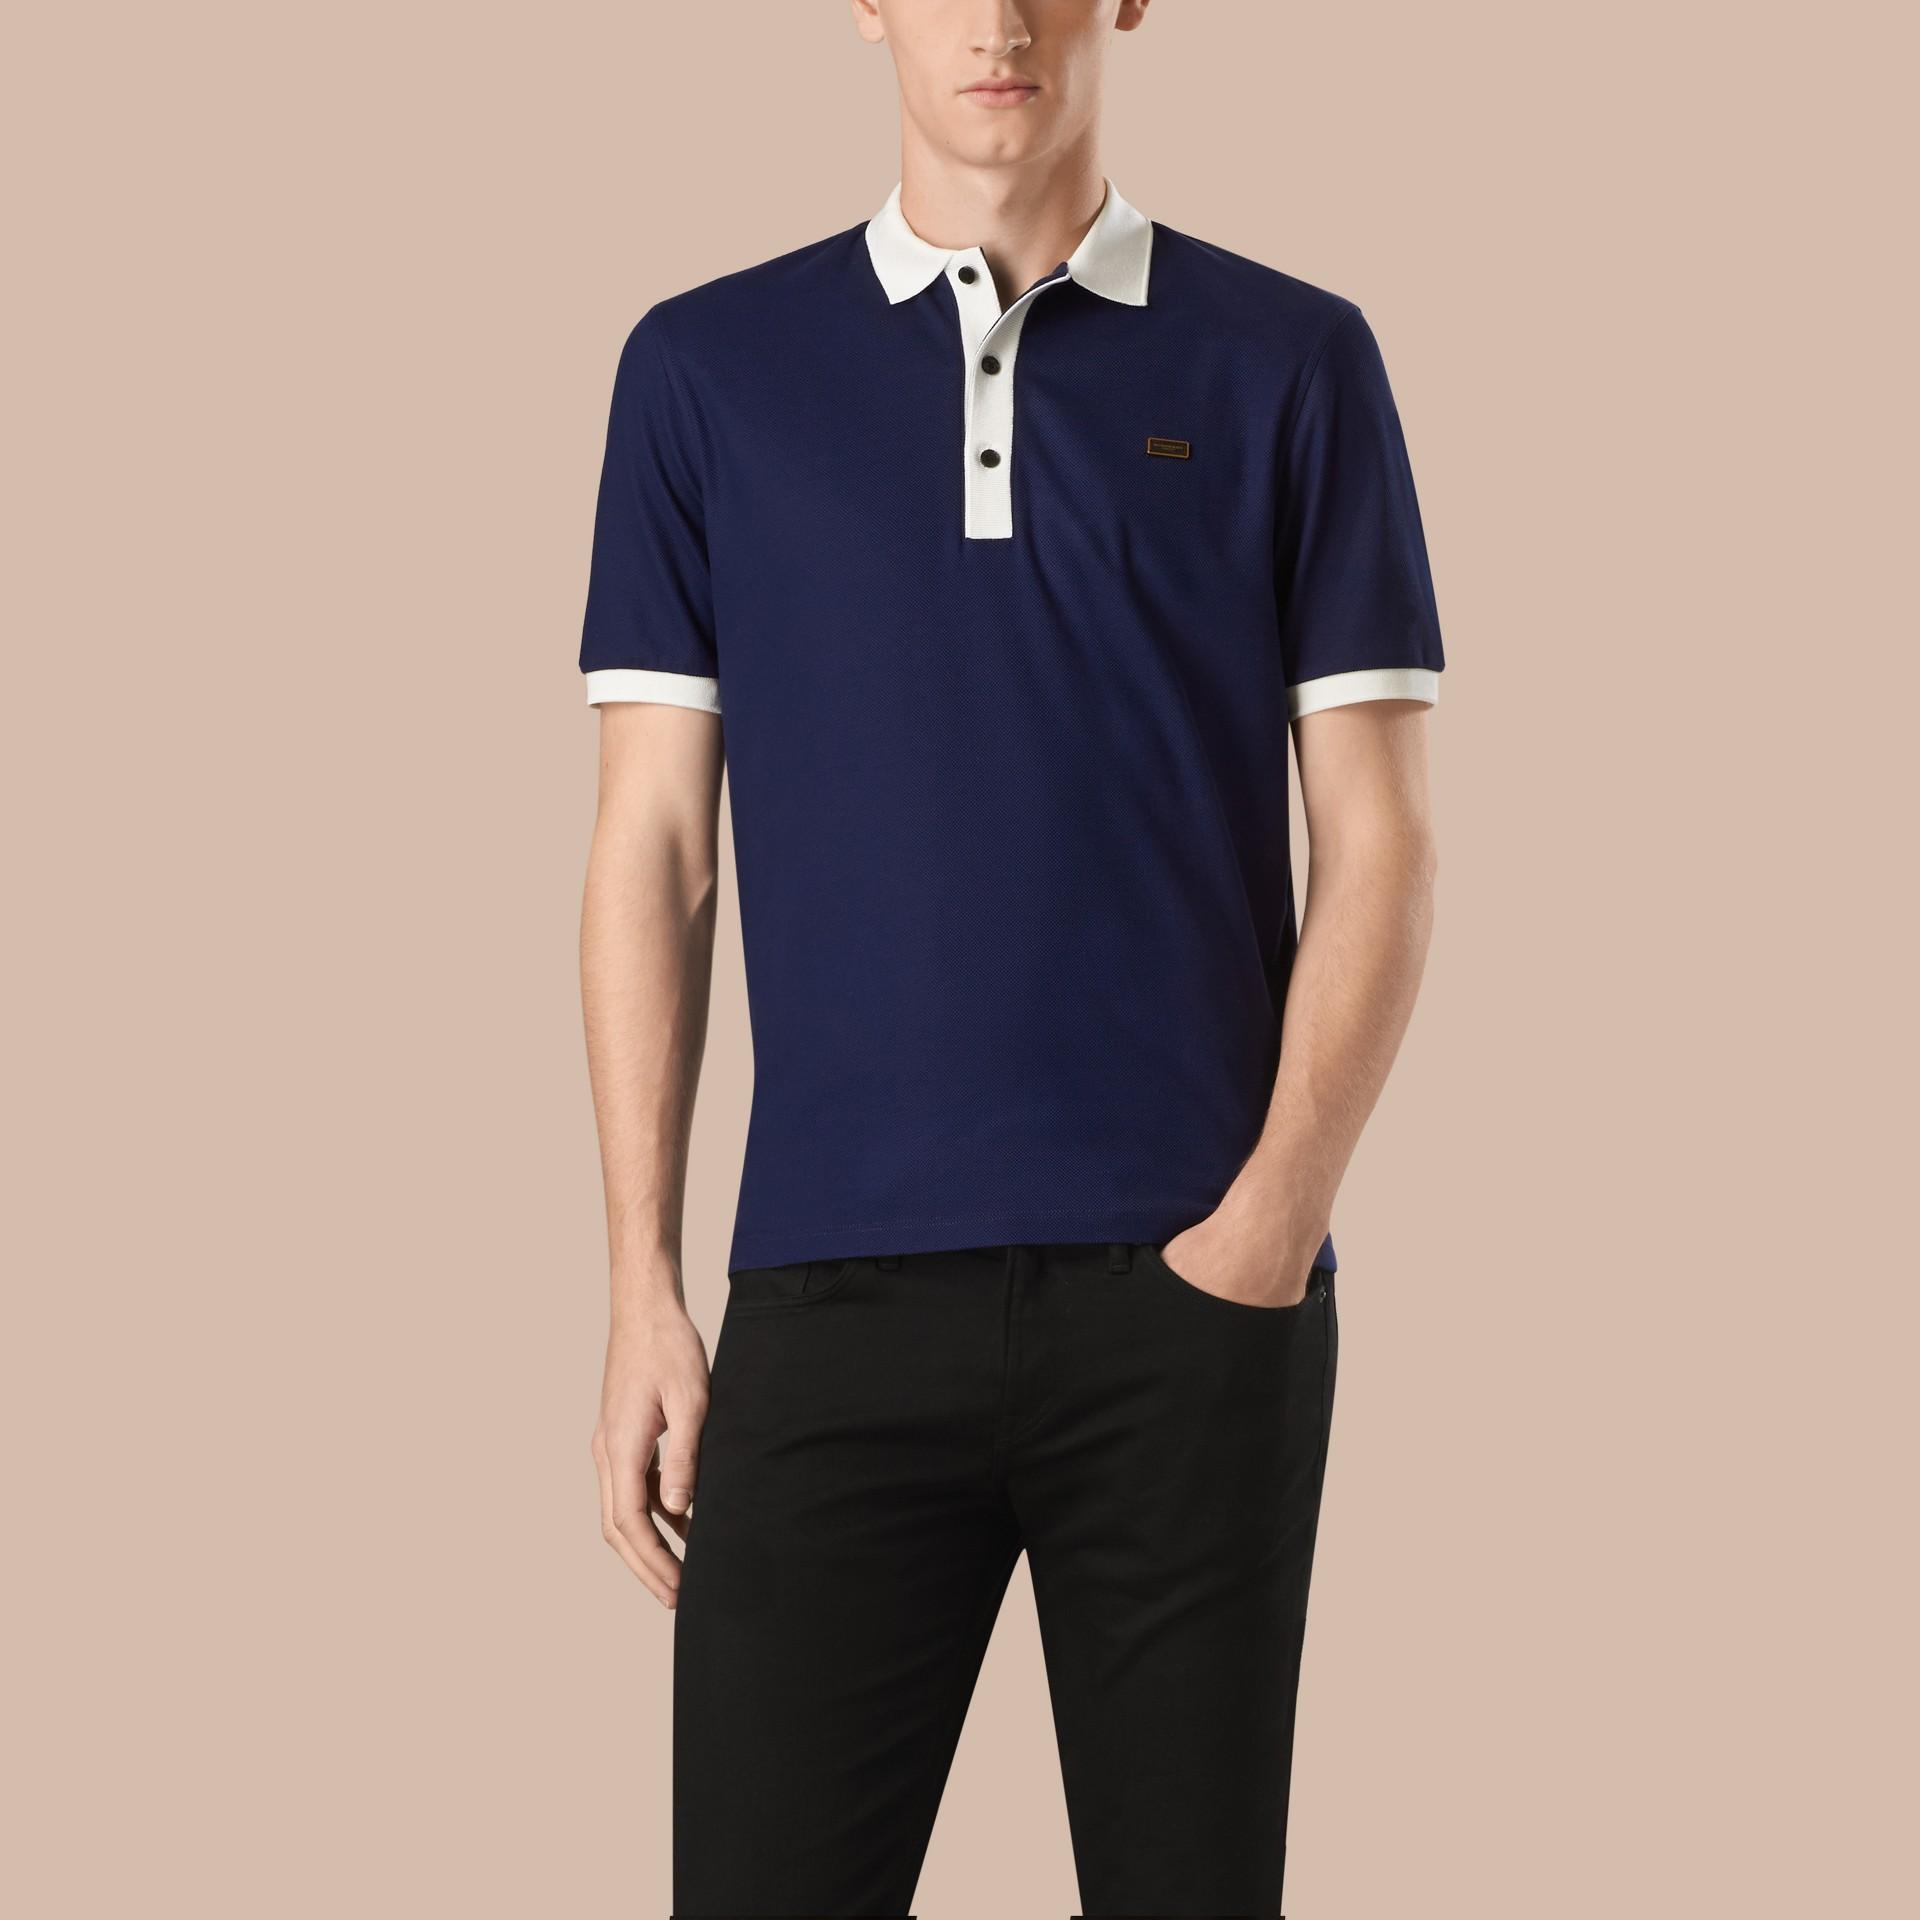 Marineblau/weiss Poloshirt aus mercerisiertem Baumwollpiqué Marineblau/weiss - Galerie-Bild 1